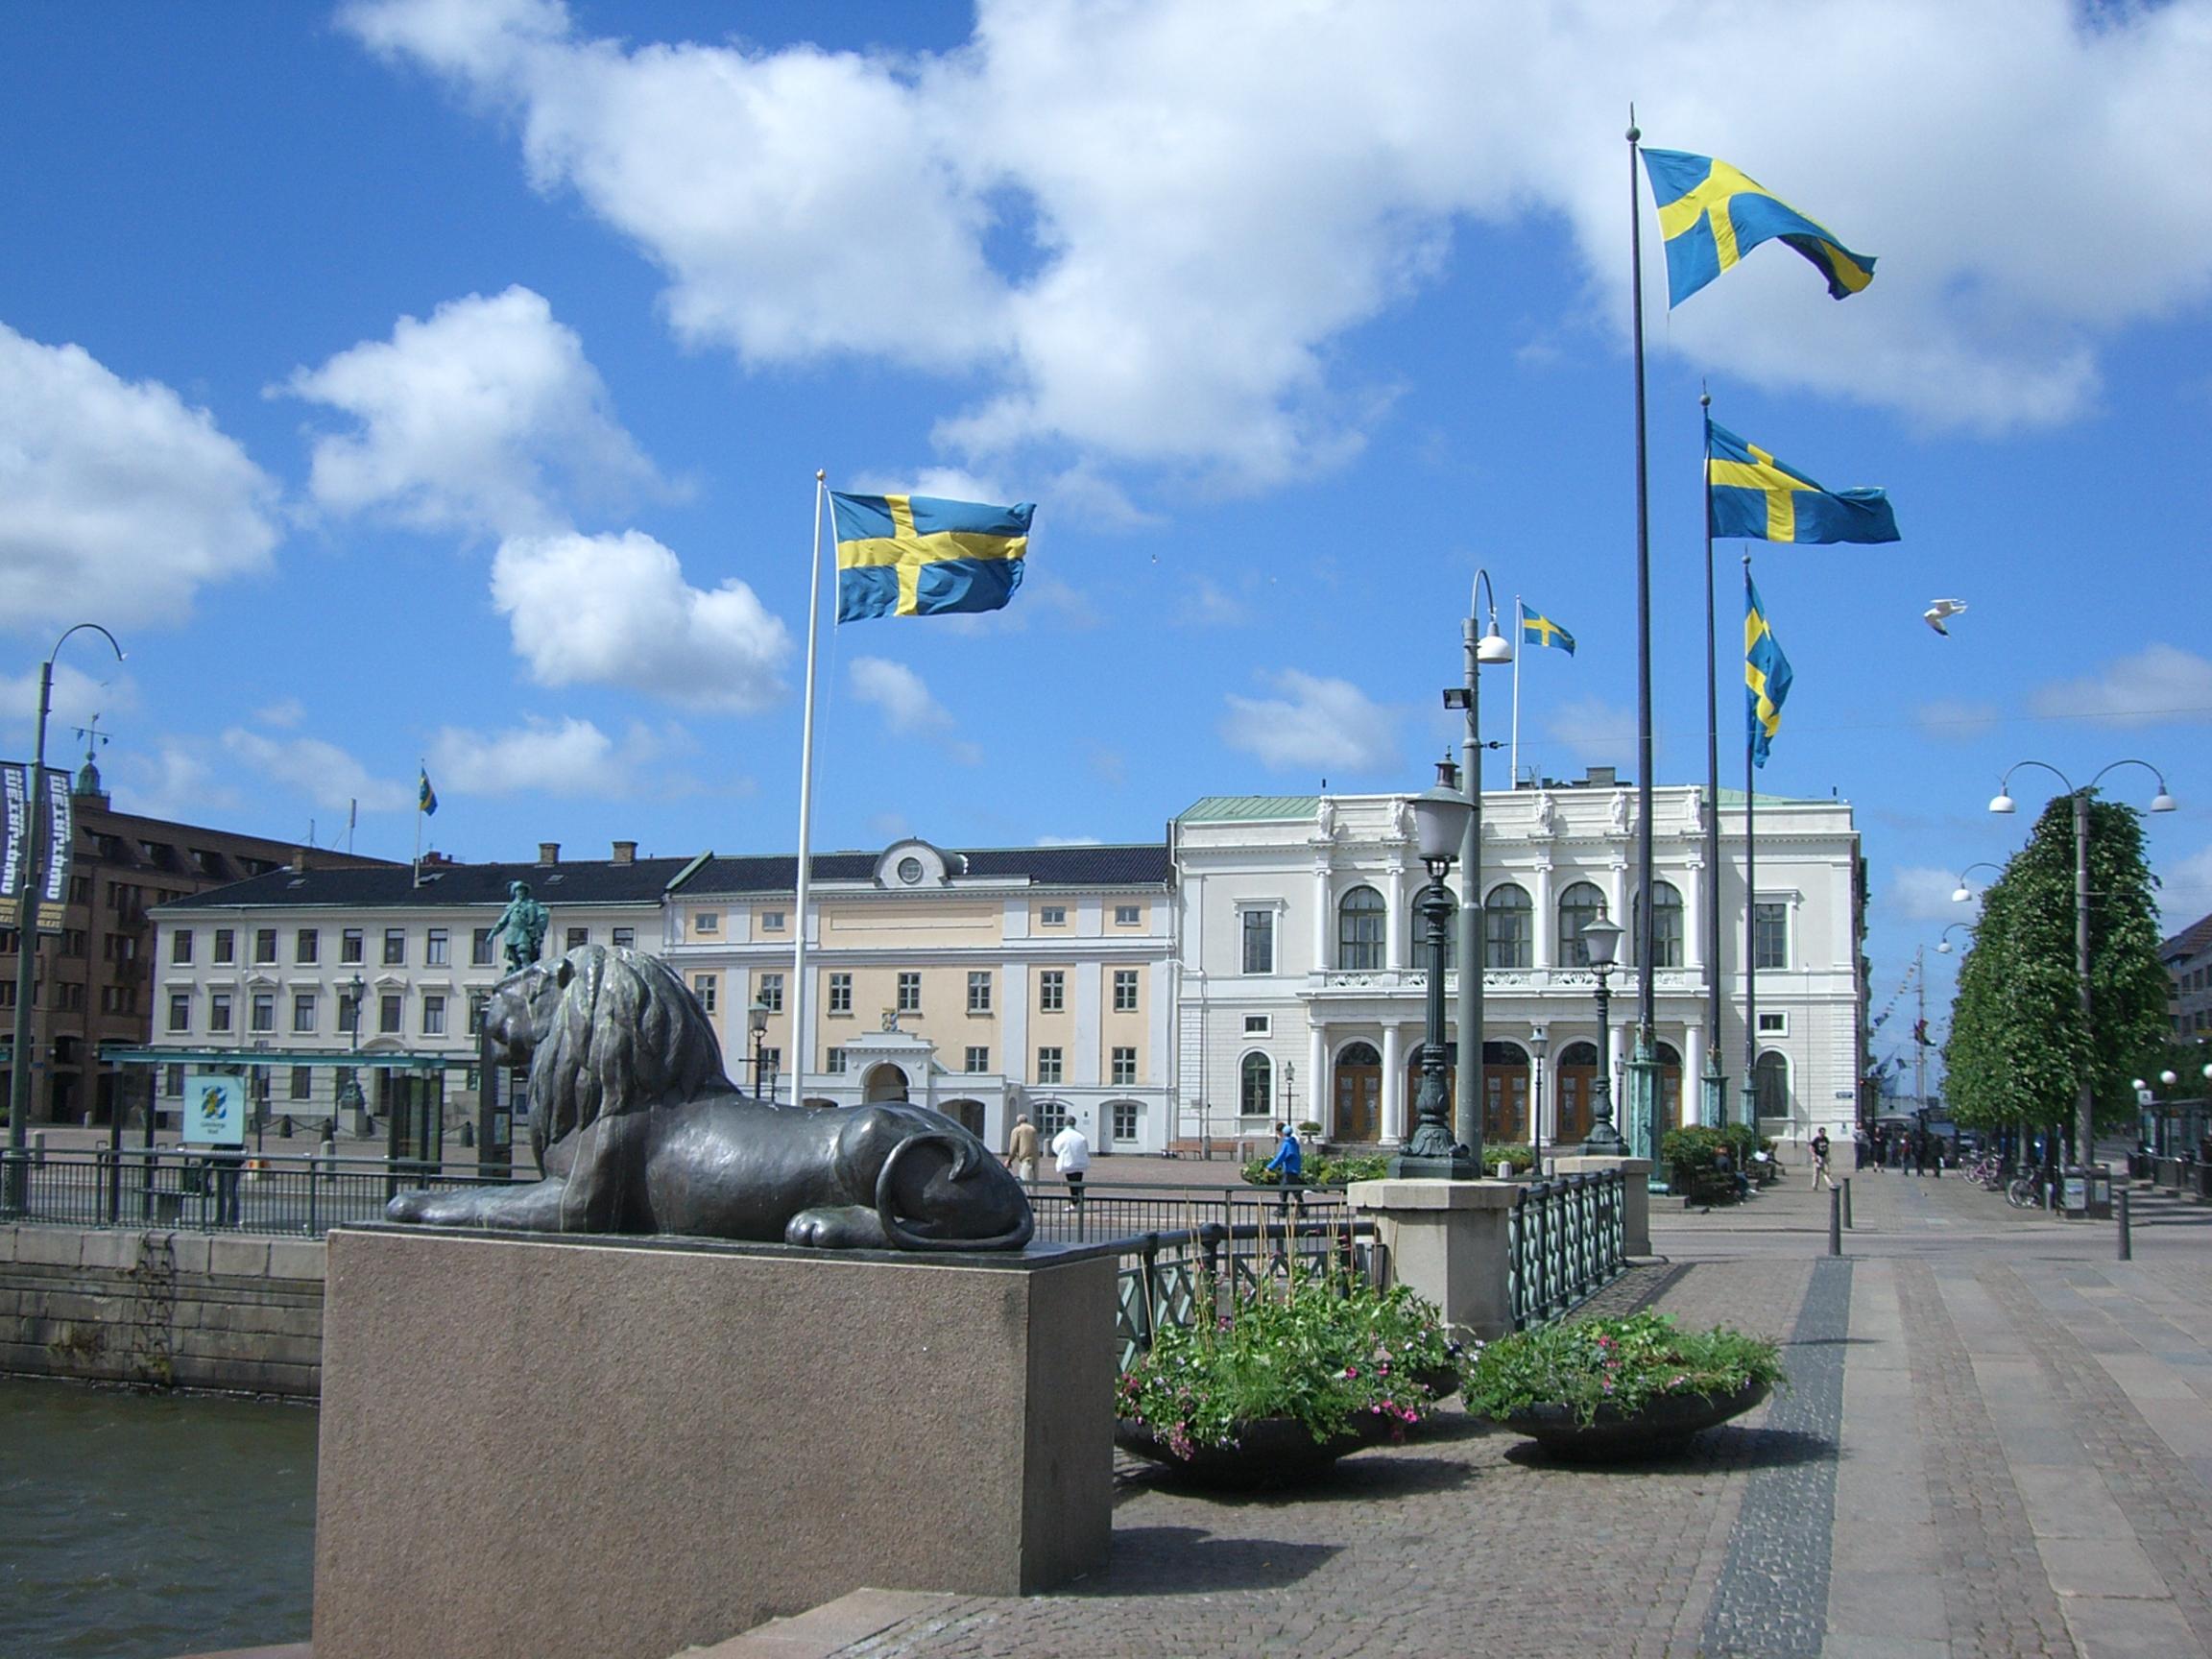 topp ledsagare små i Göteborg